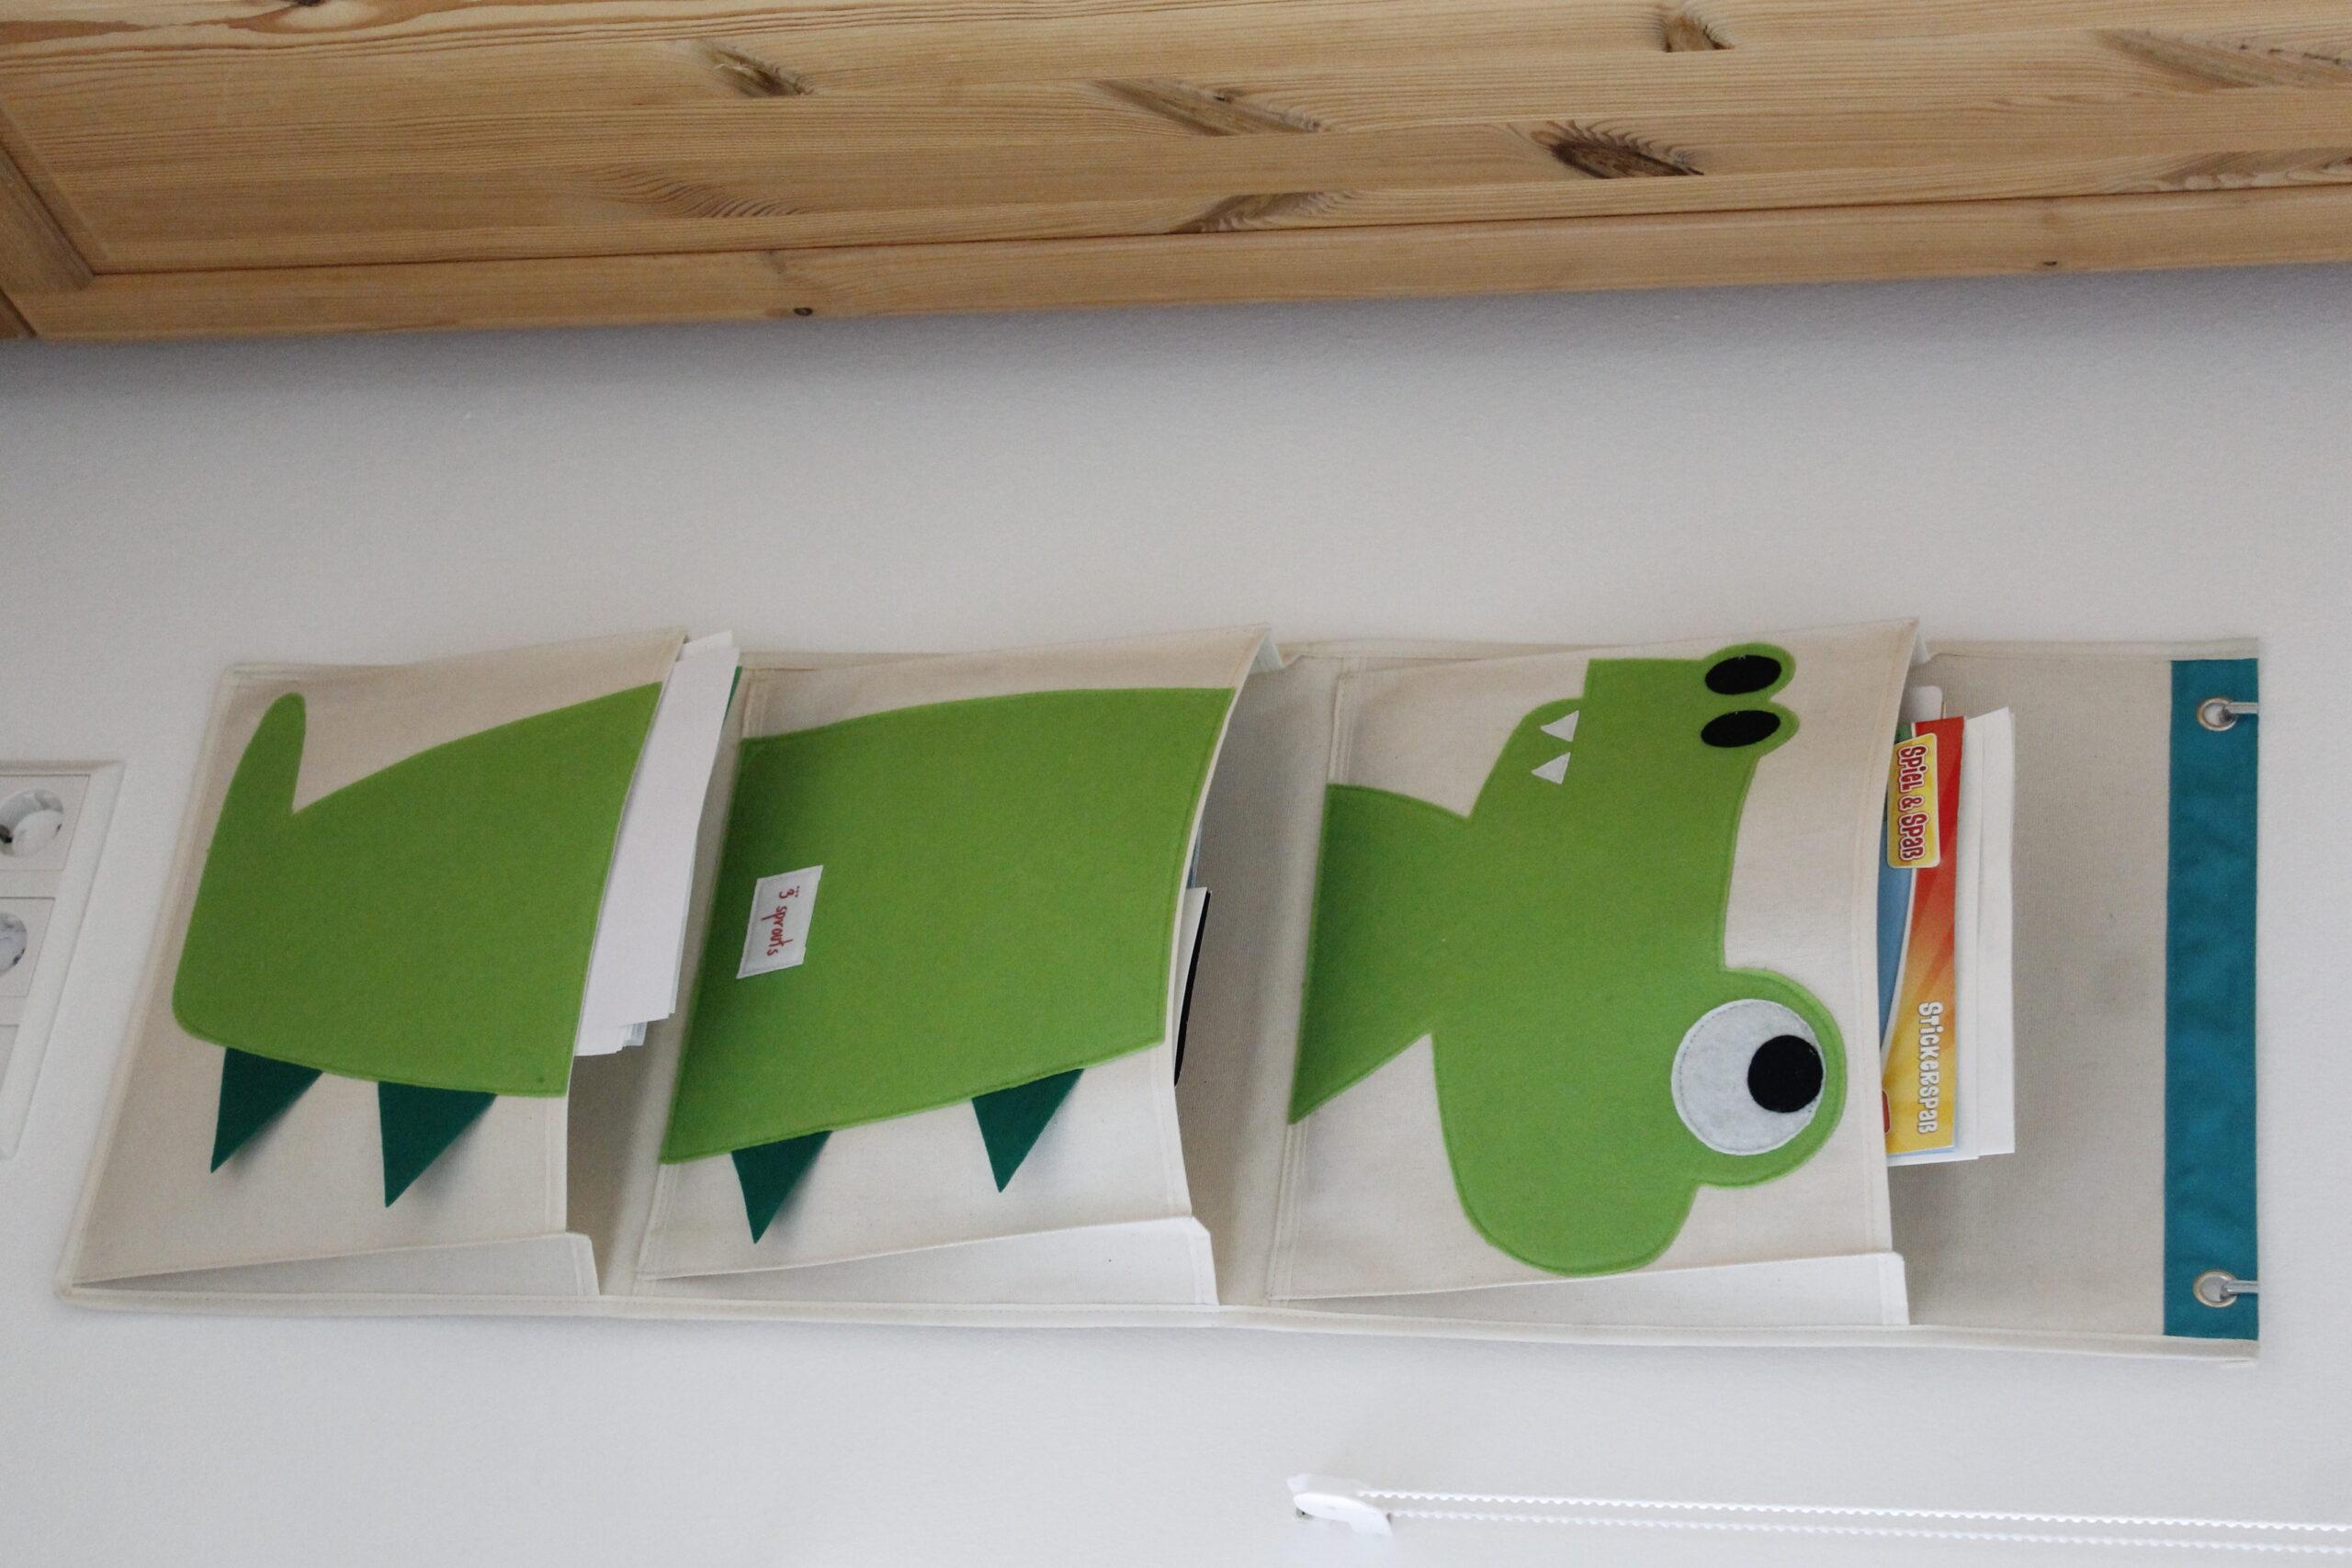 Full Size of Kinderzimmer Aufbewahrung Aufbewahrungskorb Grau Regal Lidl Aufbewahrungssystem Ideen Aufbewahrungssysteme Ikea Mint Blau Aufbewahrungsregal Aufbewahrungsboxen Kinderzimmer Kinderzimmer Aufbewahrung